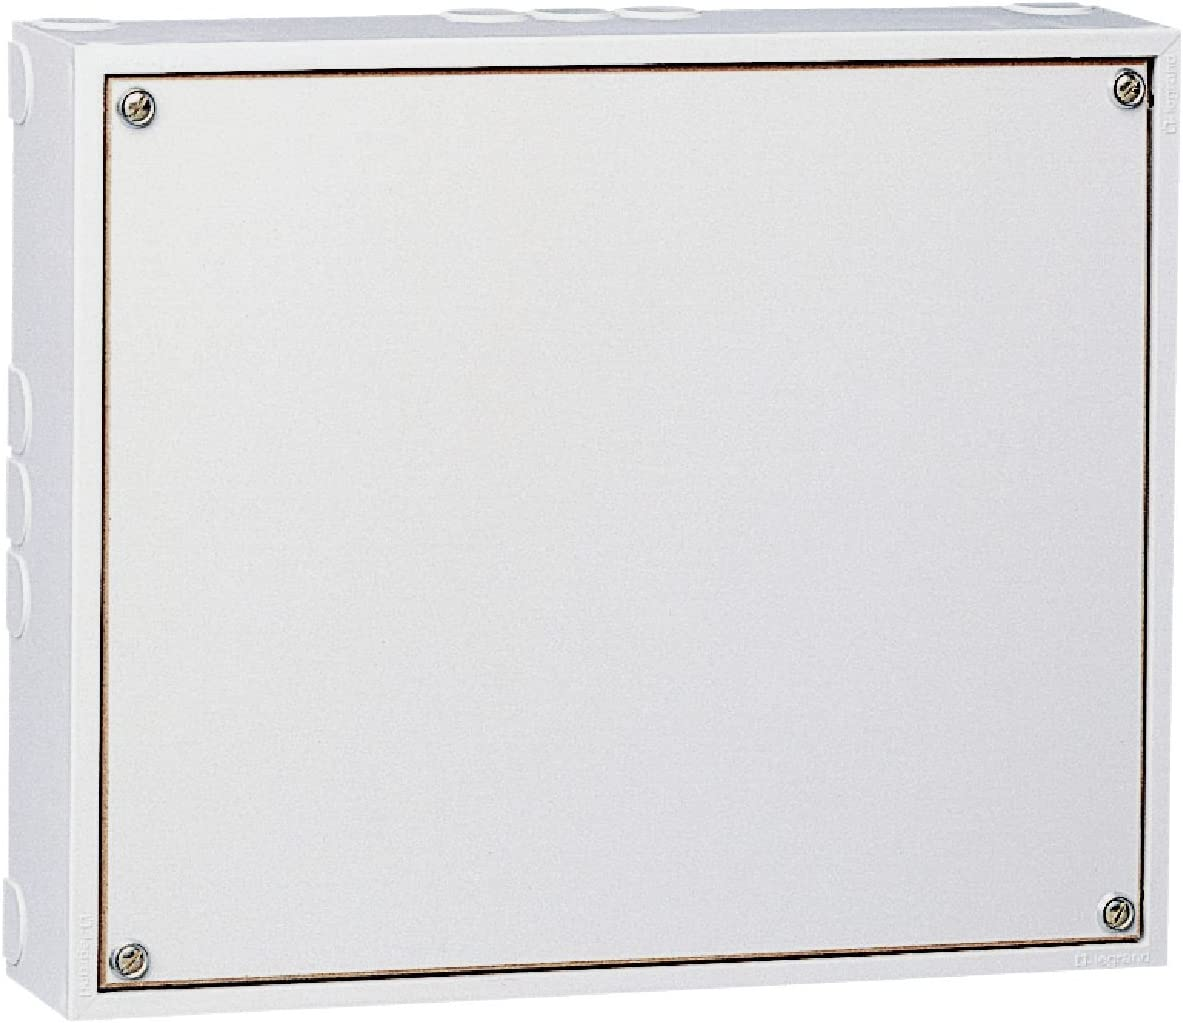 Legrand LEG39120 - Carcasa para cuadro eléctrico (protección IP20, IK 08, 125 x 150 x 35mm), color blanco